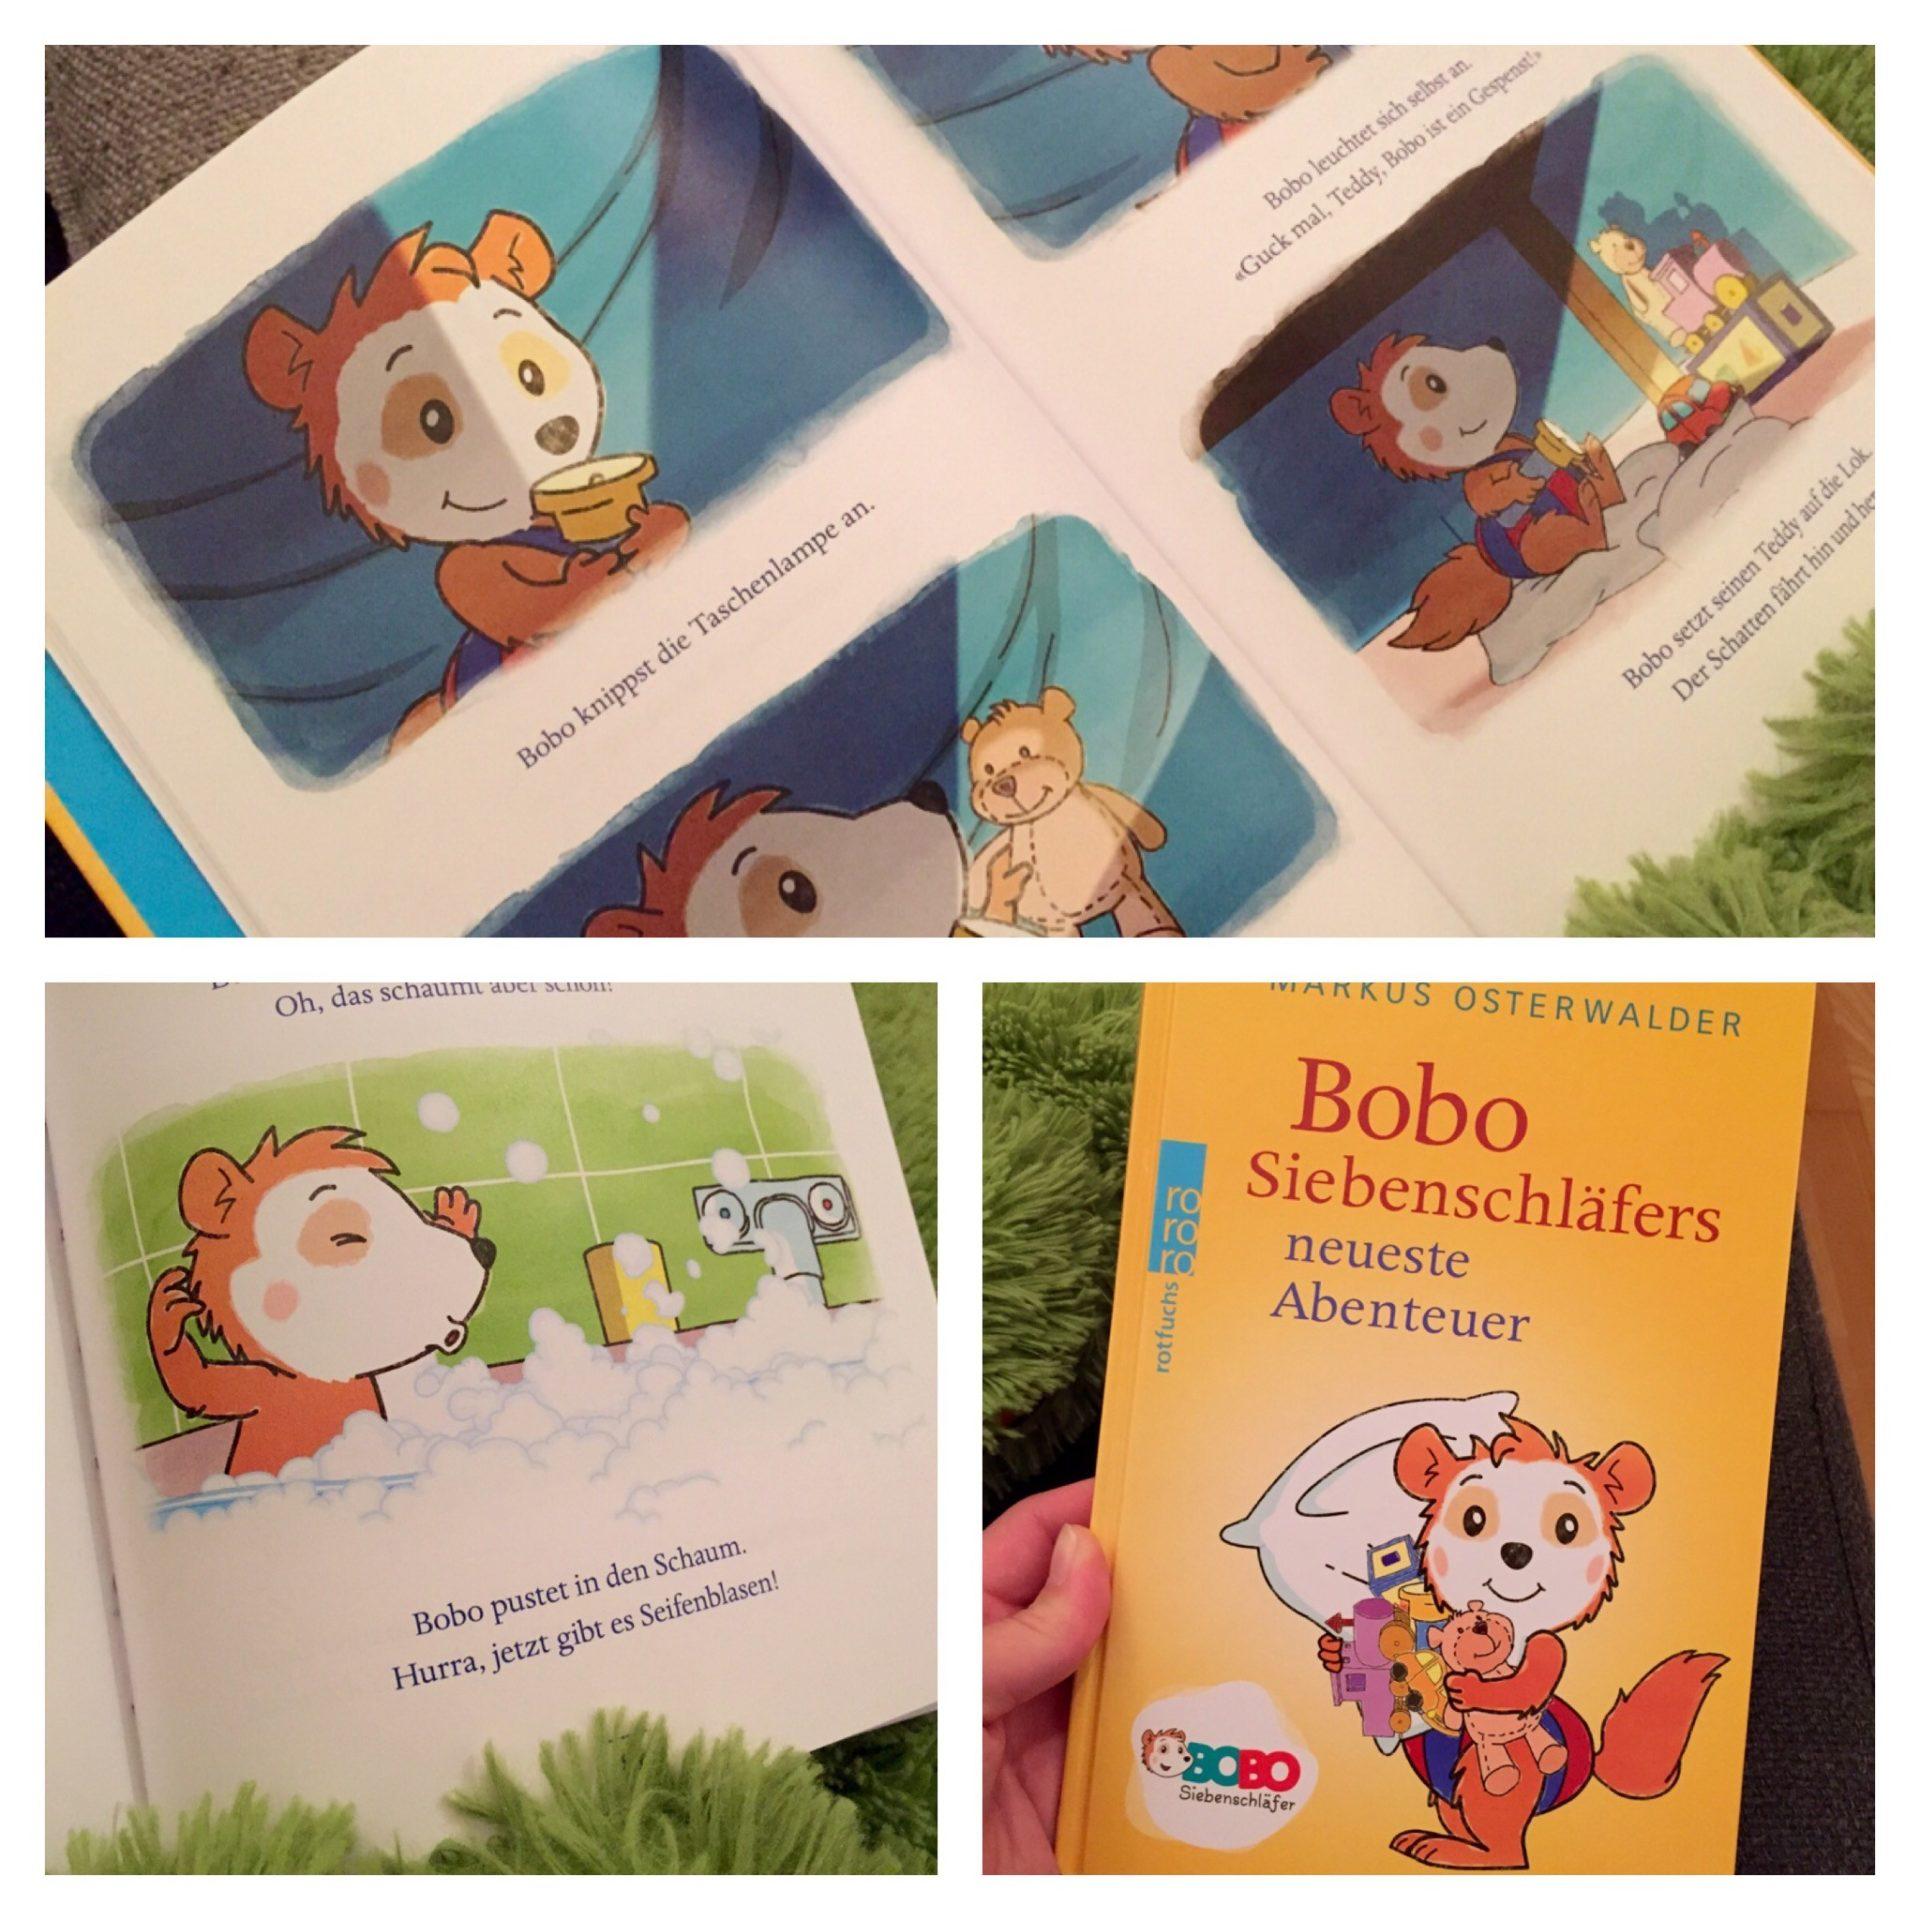 Kleinkindern vorlesen - Bobo Siebenschläfers Abenteuer